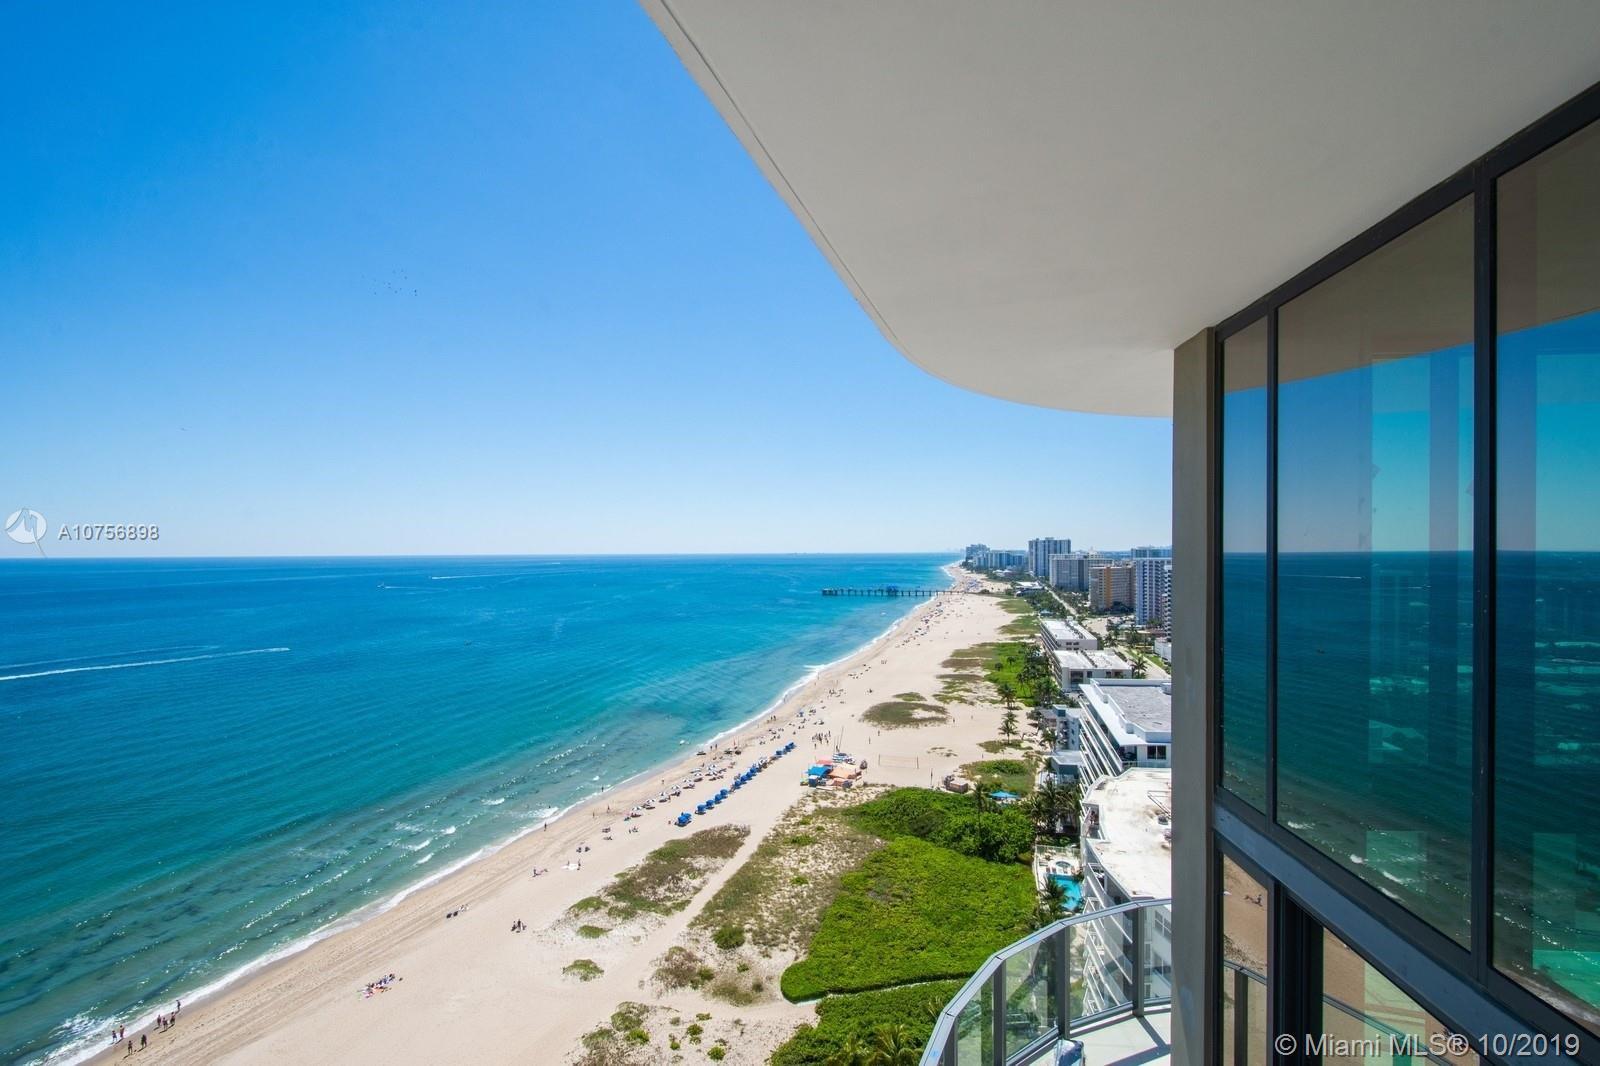 730 N Ocean, PH-D - Pompano Beach, Florida